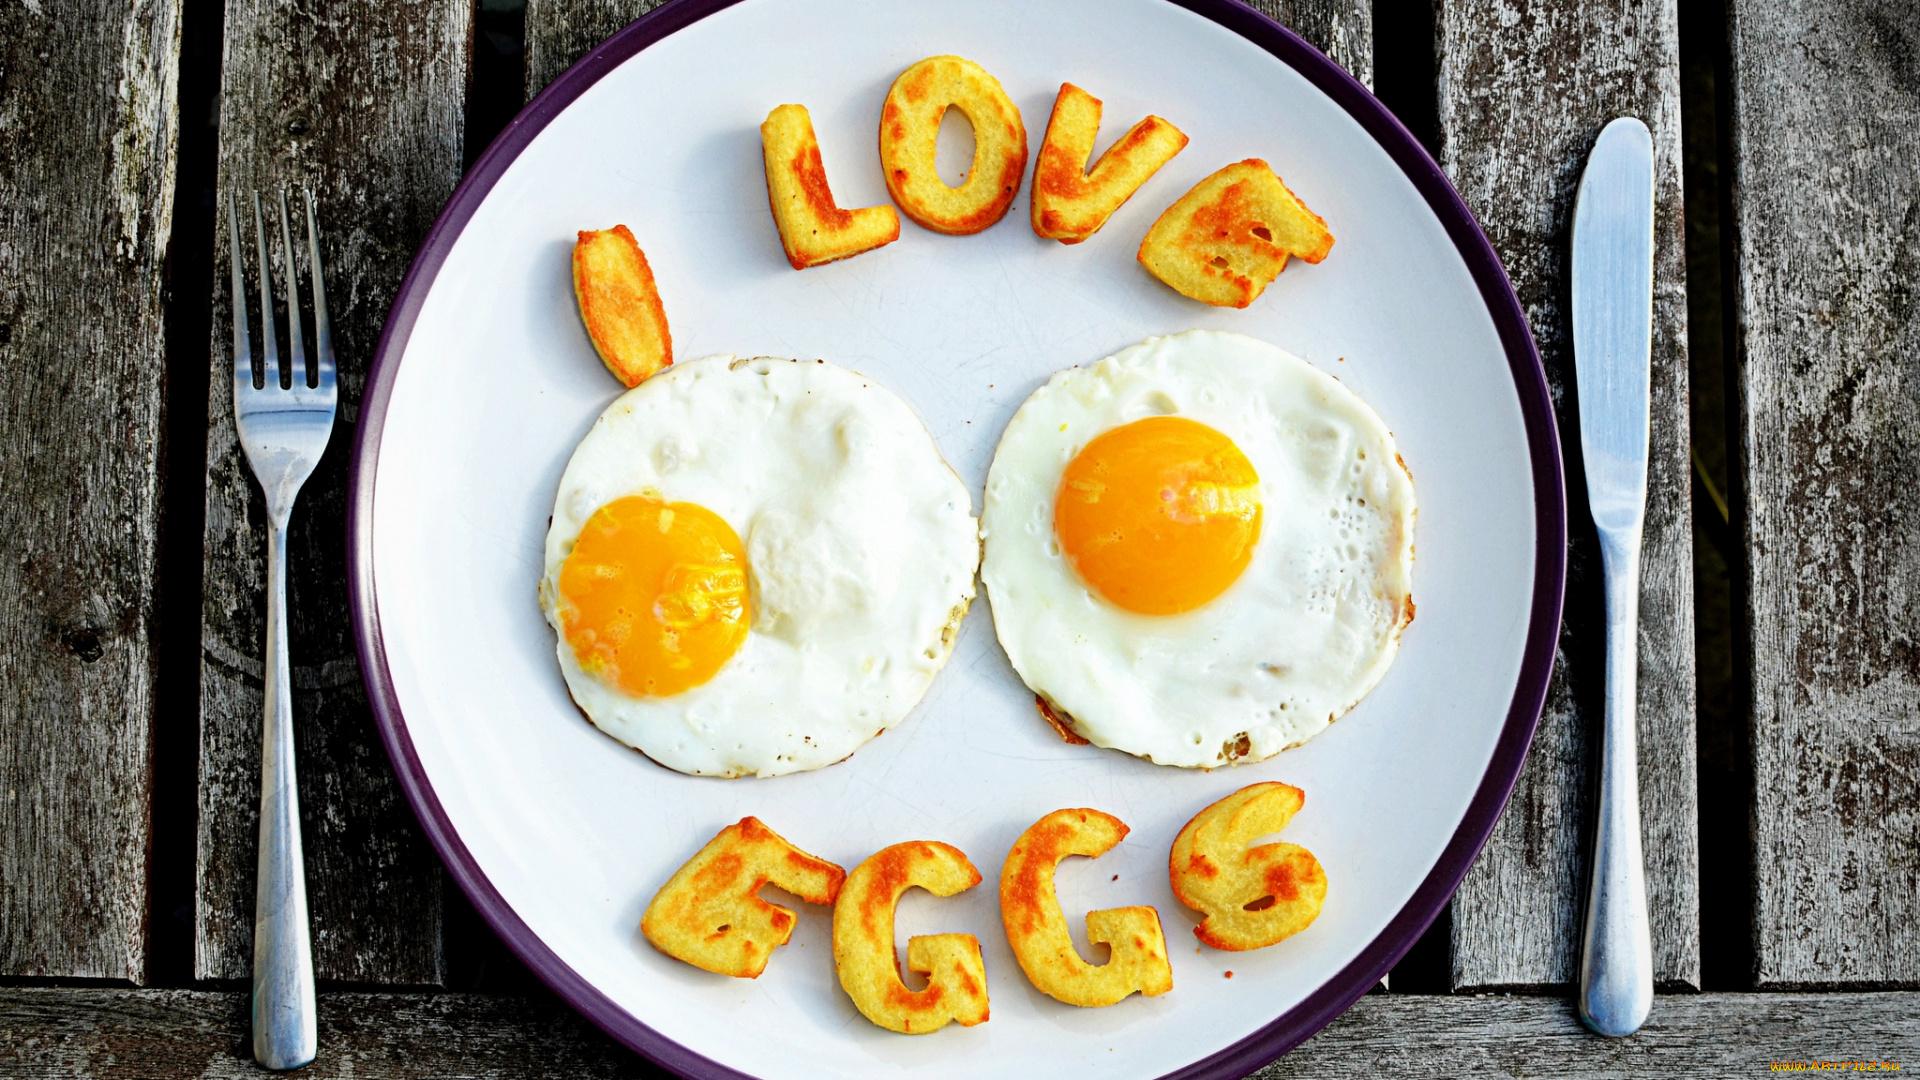 еда яичница желток  № 747060 бесплатно